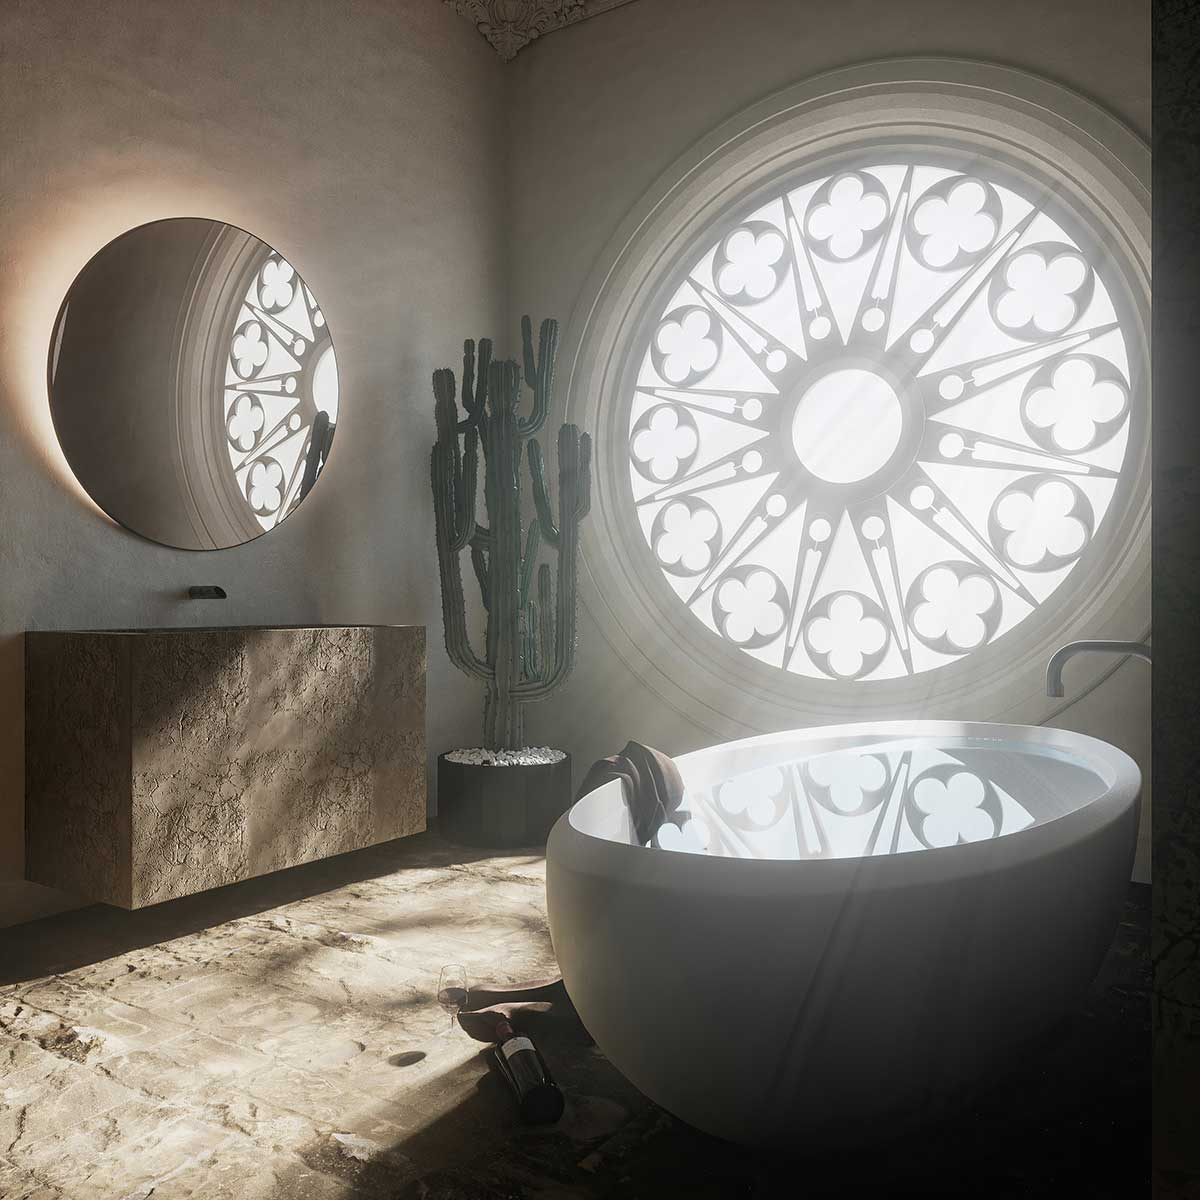 Une petite salle de bain avec une baignoire ronde, un grand vitrail en rosace, un miroir rond et un meuble en pierre